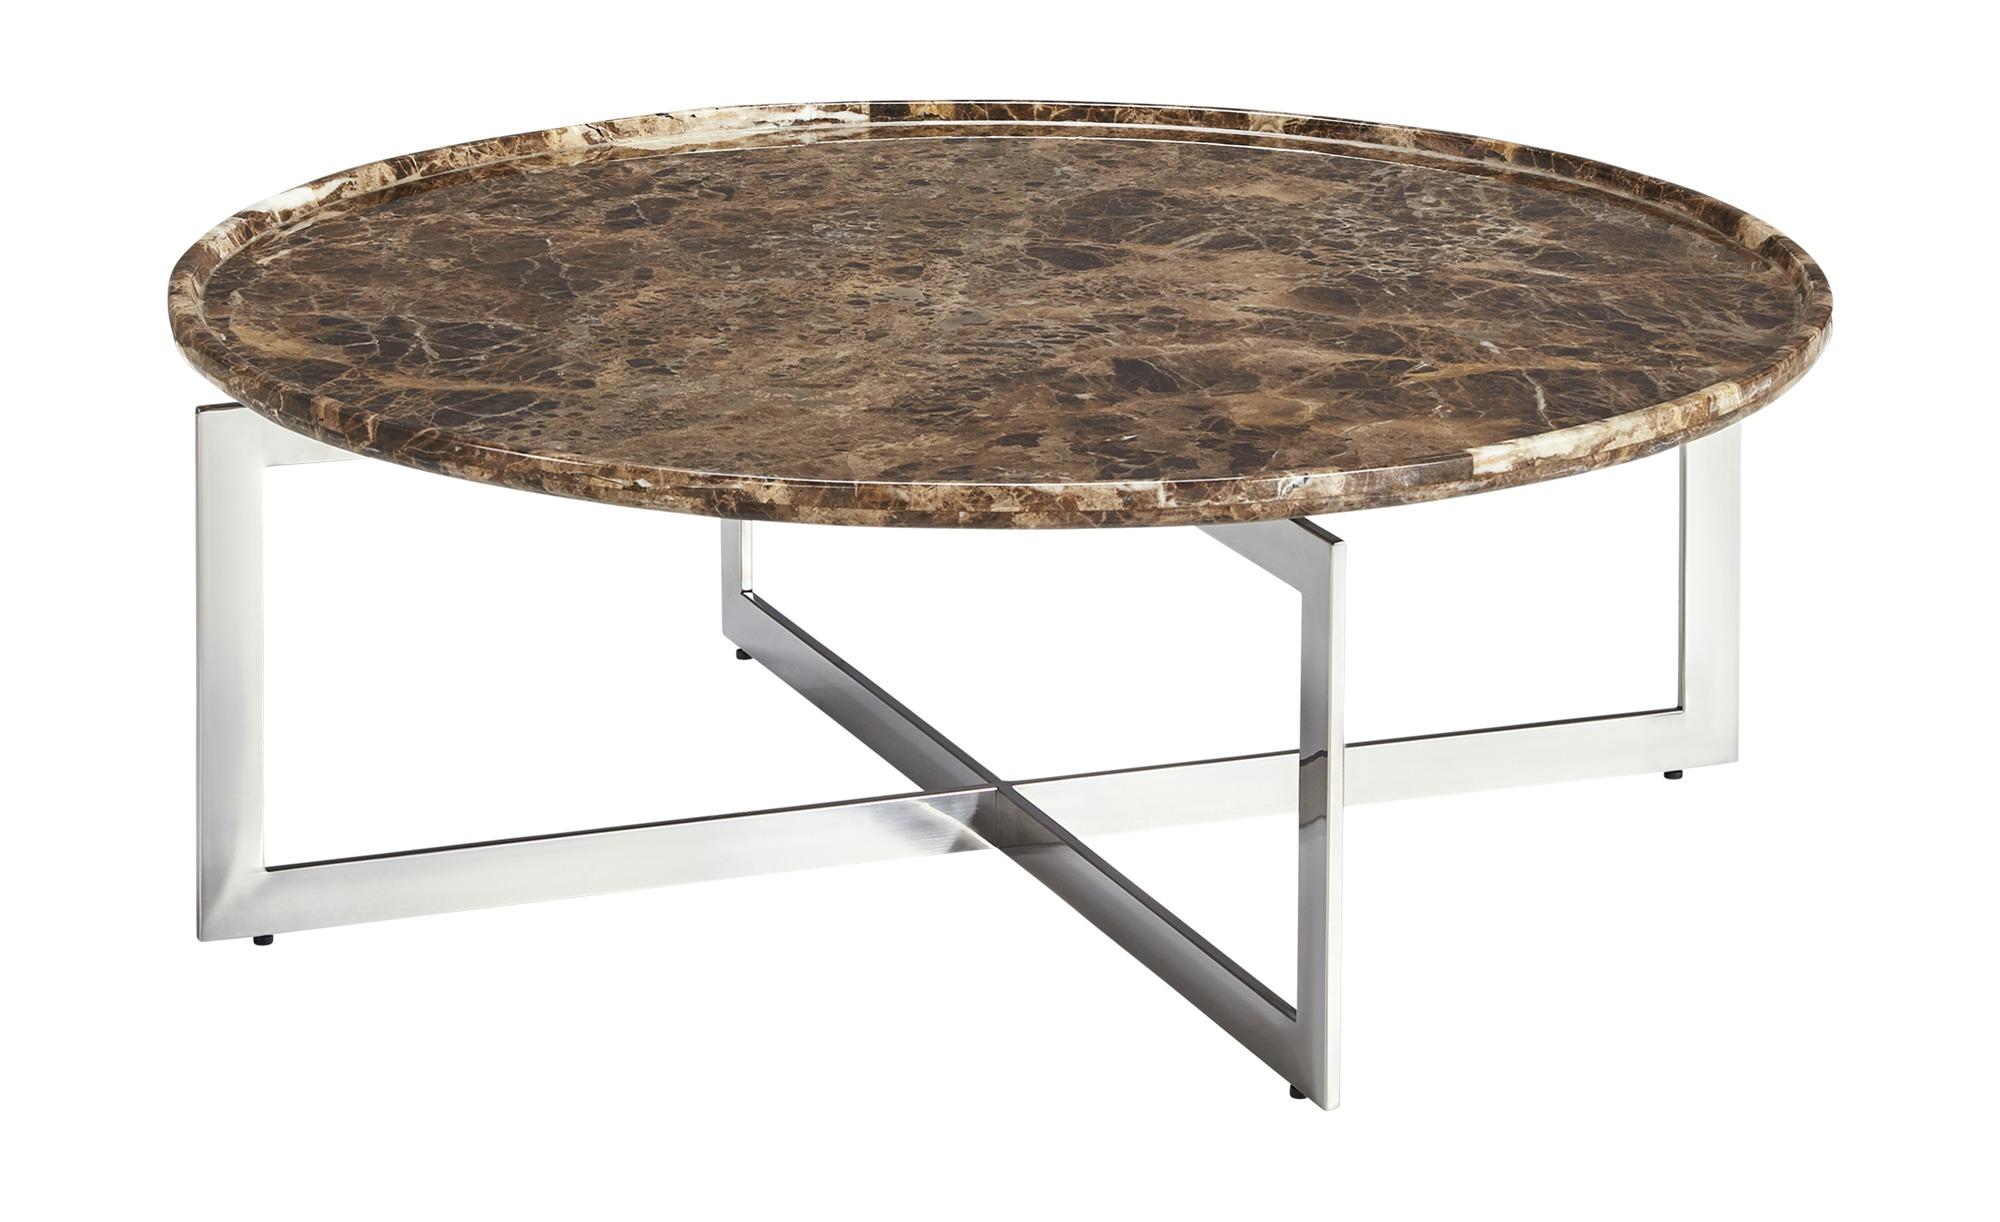 Couchtisch  Gadi ¦ Maße (cm): H: 38 Ø: [100.0] Tische > Couchtische > Couchtische rund - Höffner